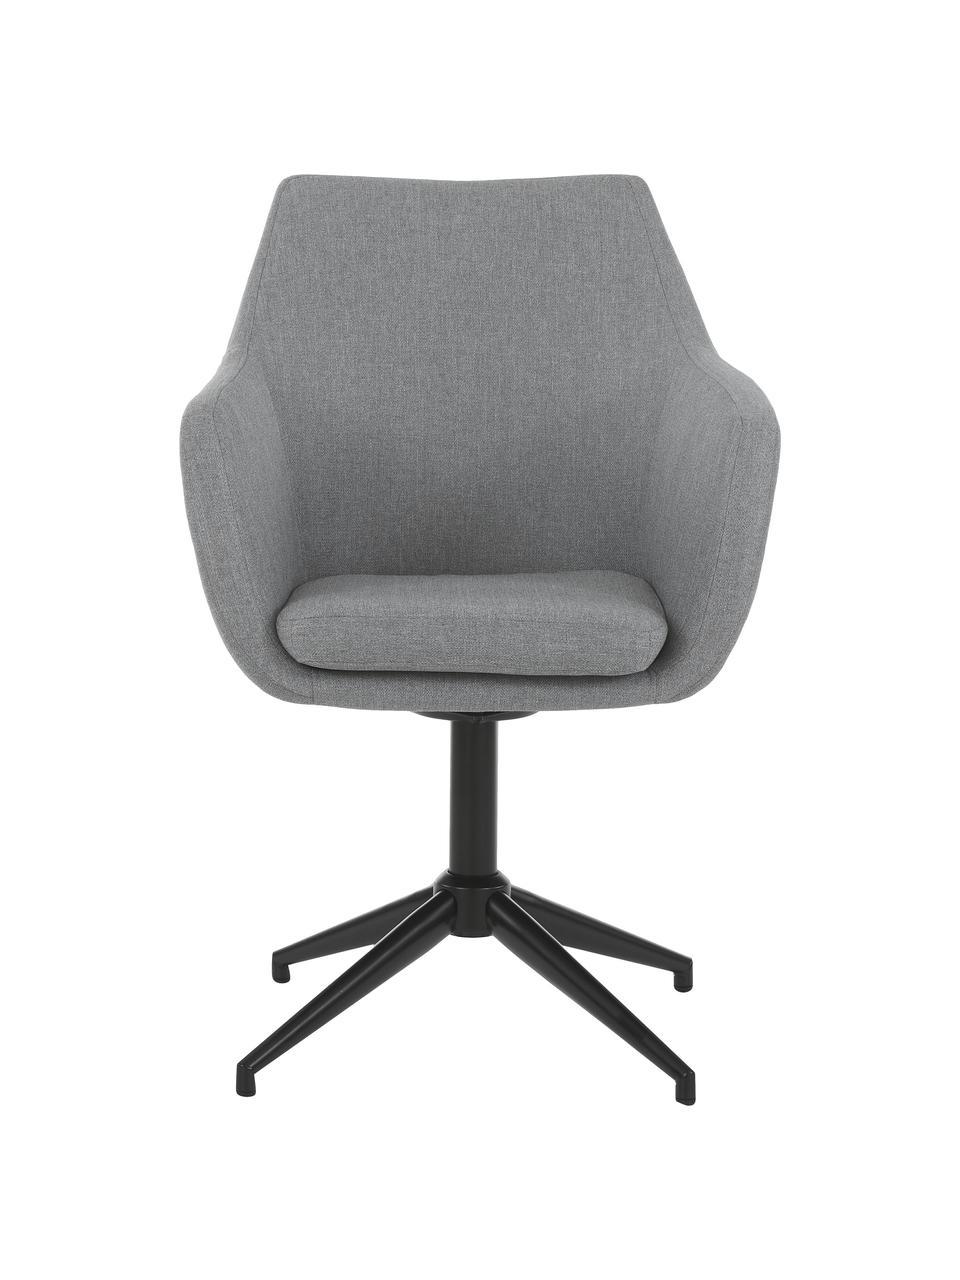 Krzesło obrotowe tapicerowane Nora, Tapicerka: poliester, Stelaż: metal malowany proszkowo, Jasny szary, czarny, S 58 x G 57 cm